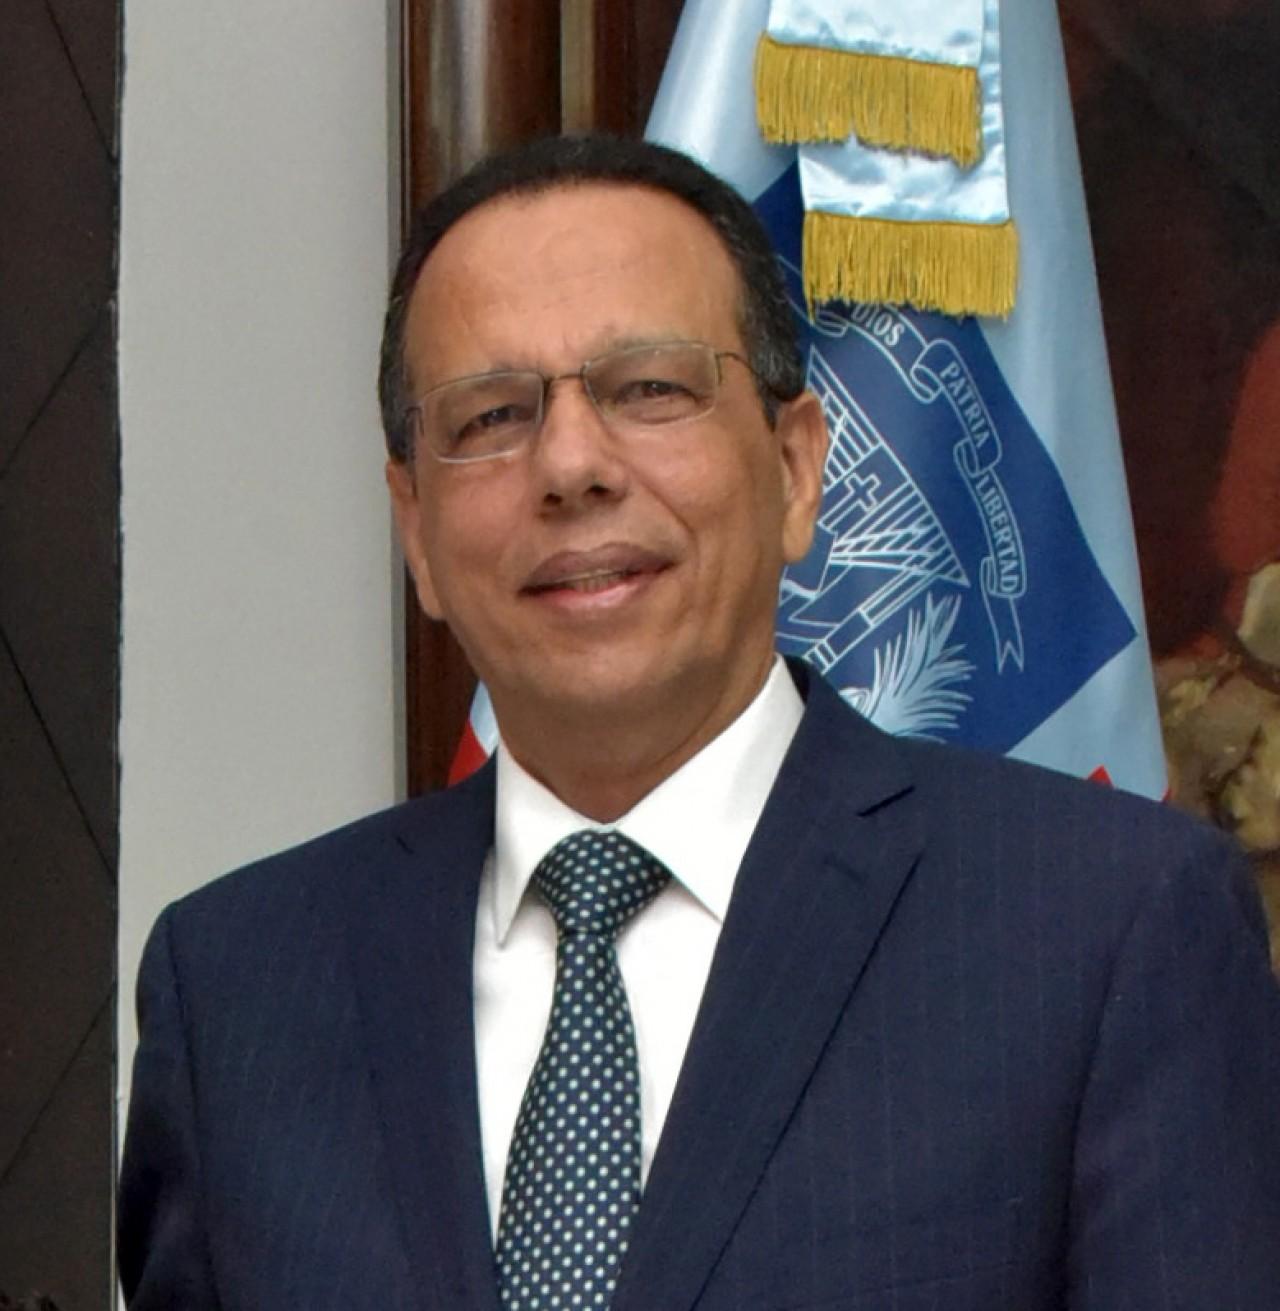 imagen Imagen frontal del ministro Peña Mirabal.